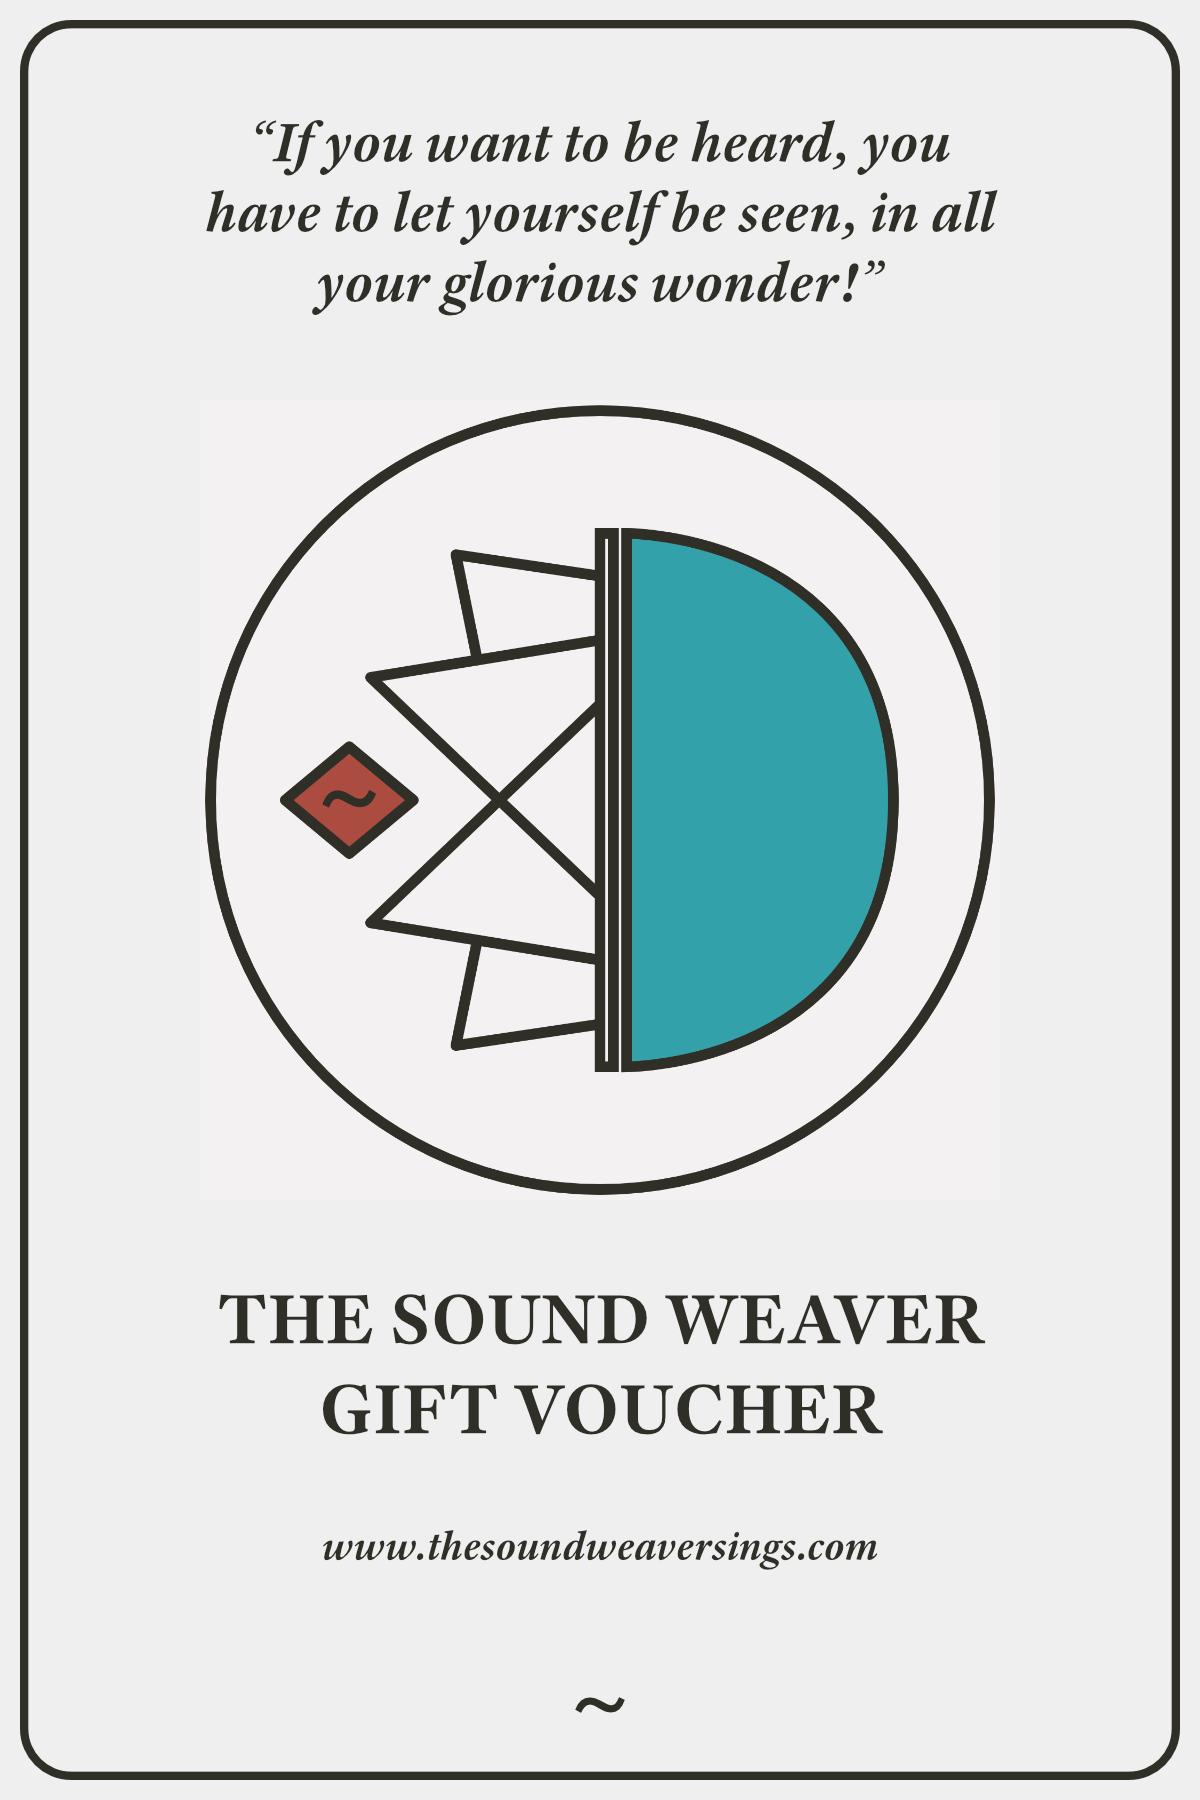 Buy Now - Guitar & Piano Gift Voucher